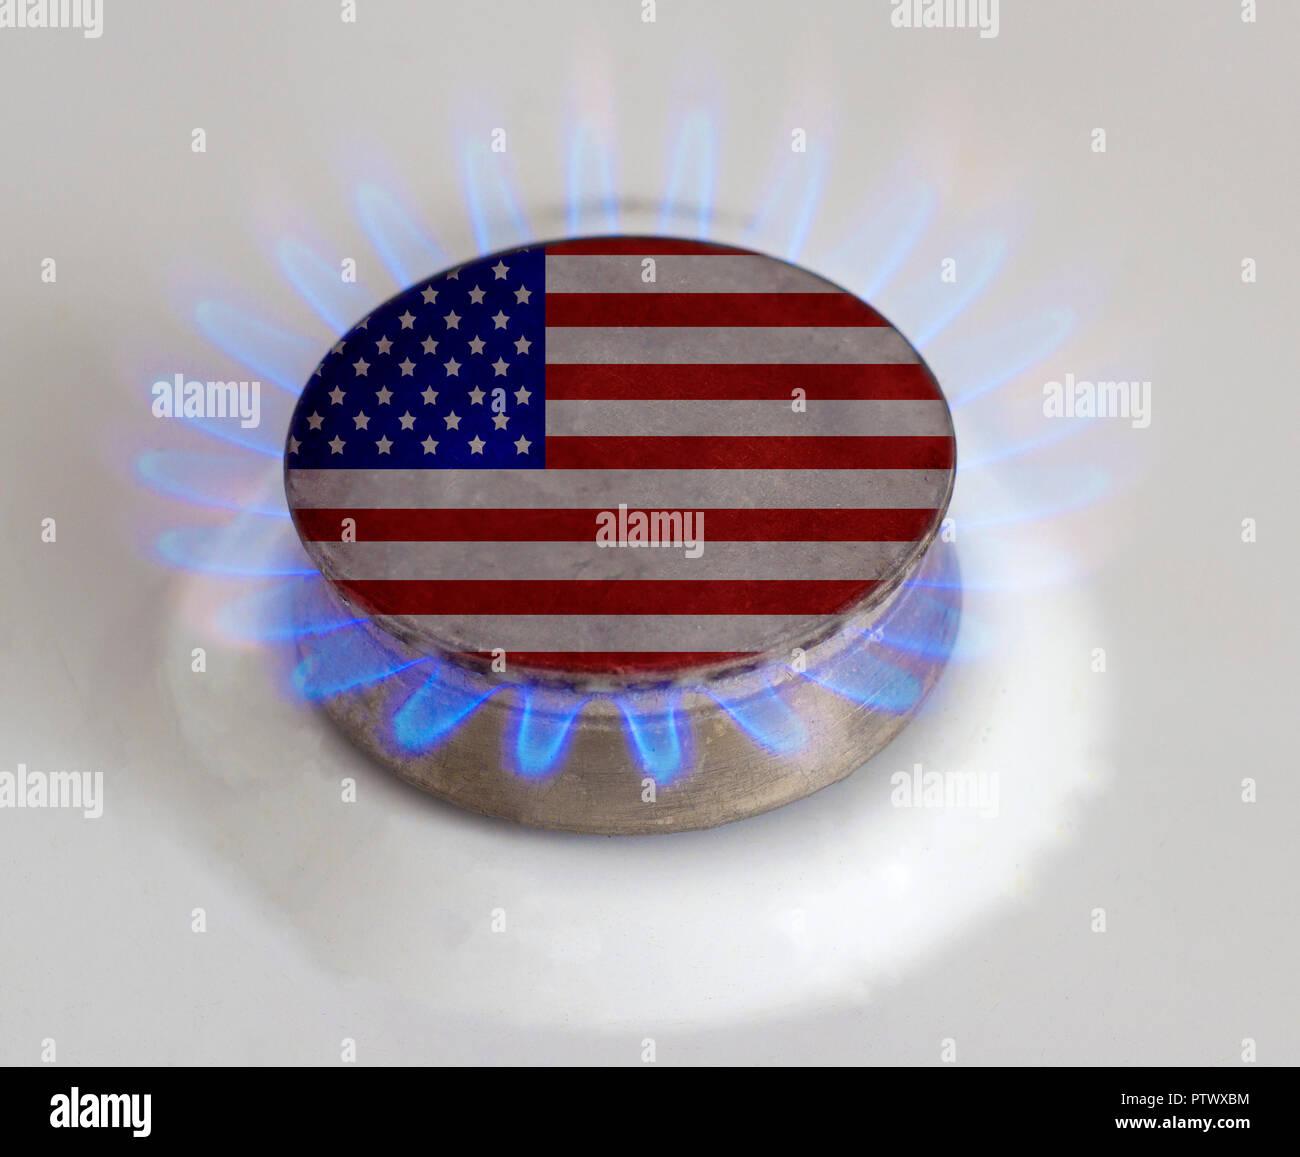 Gas burner with flag. USA.Gas - Stock Image